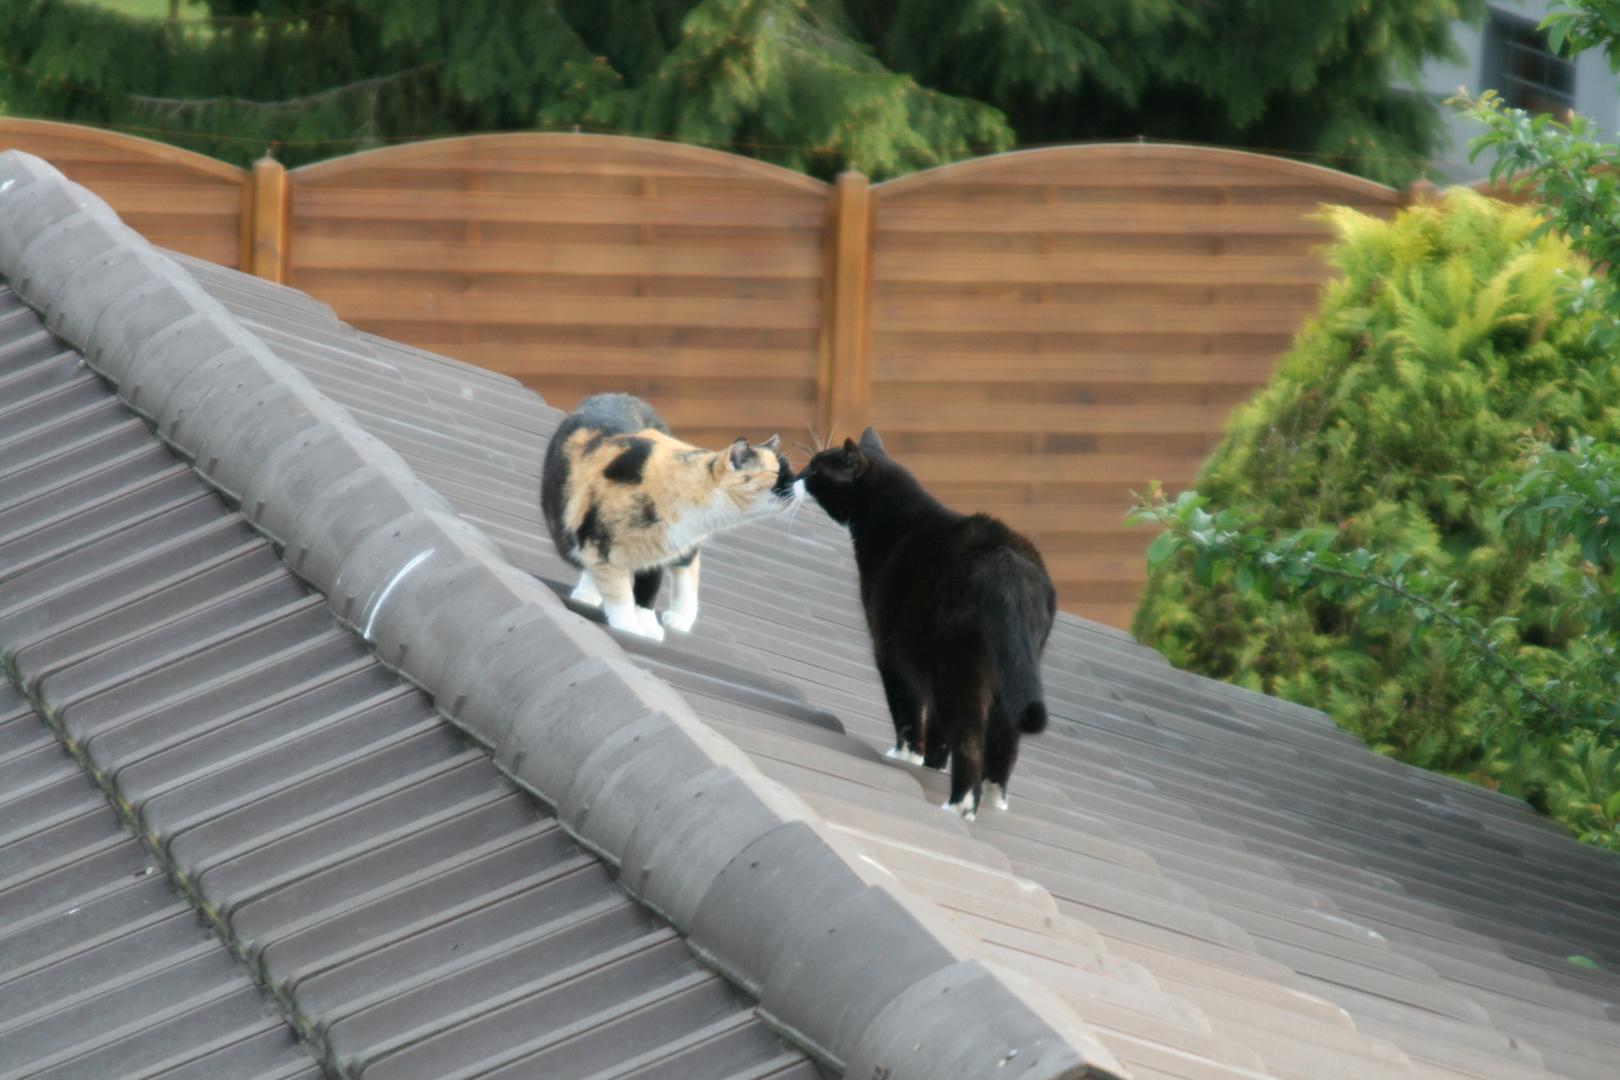 Geschwister treffen sich auf dem Dach